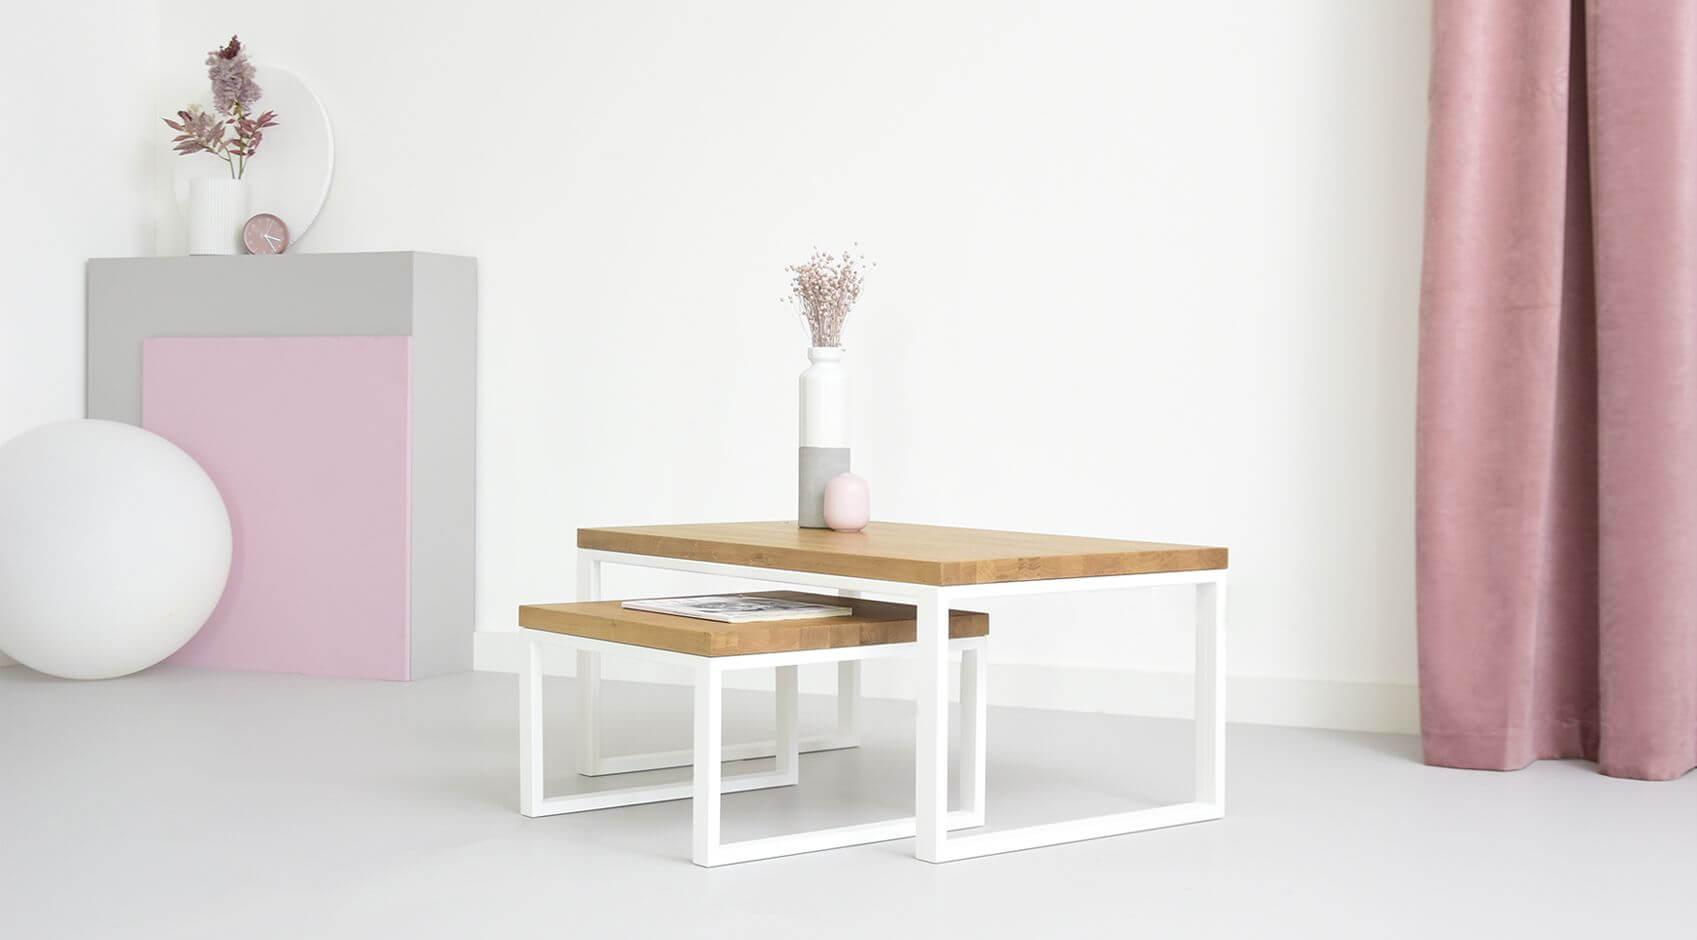 biale stoliki stal drewno nowoczesne